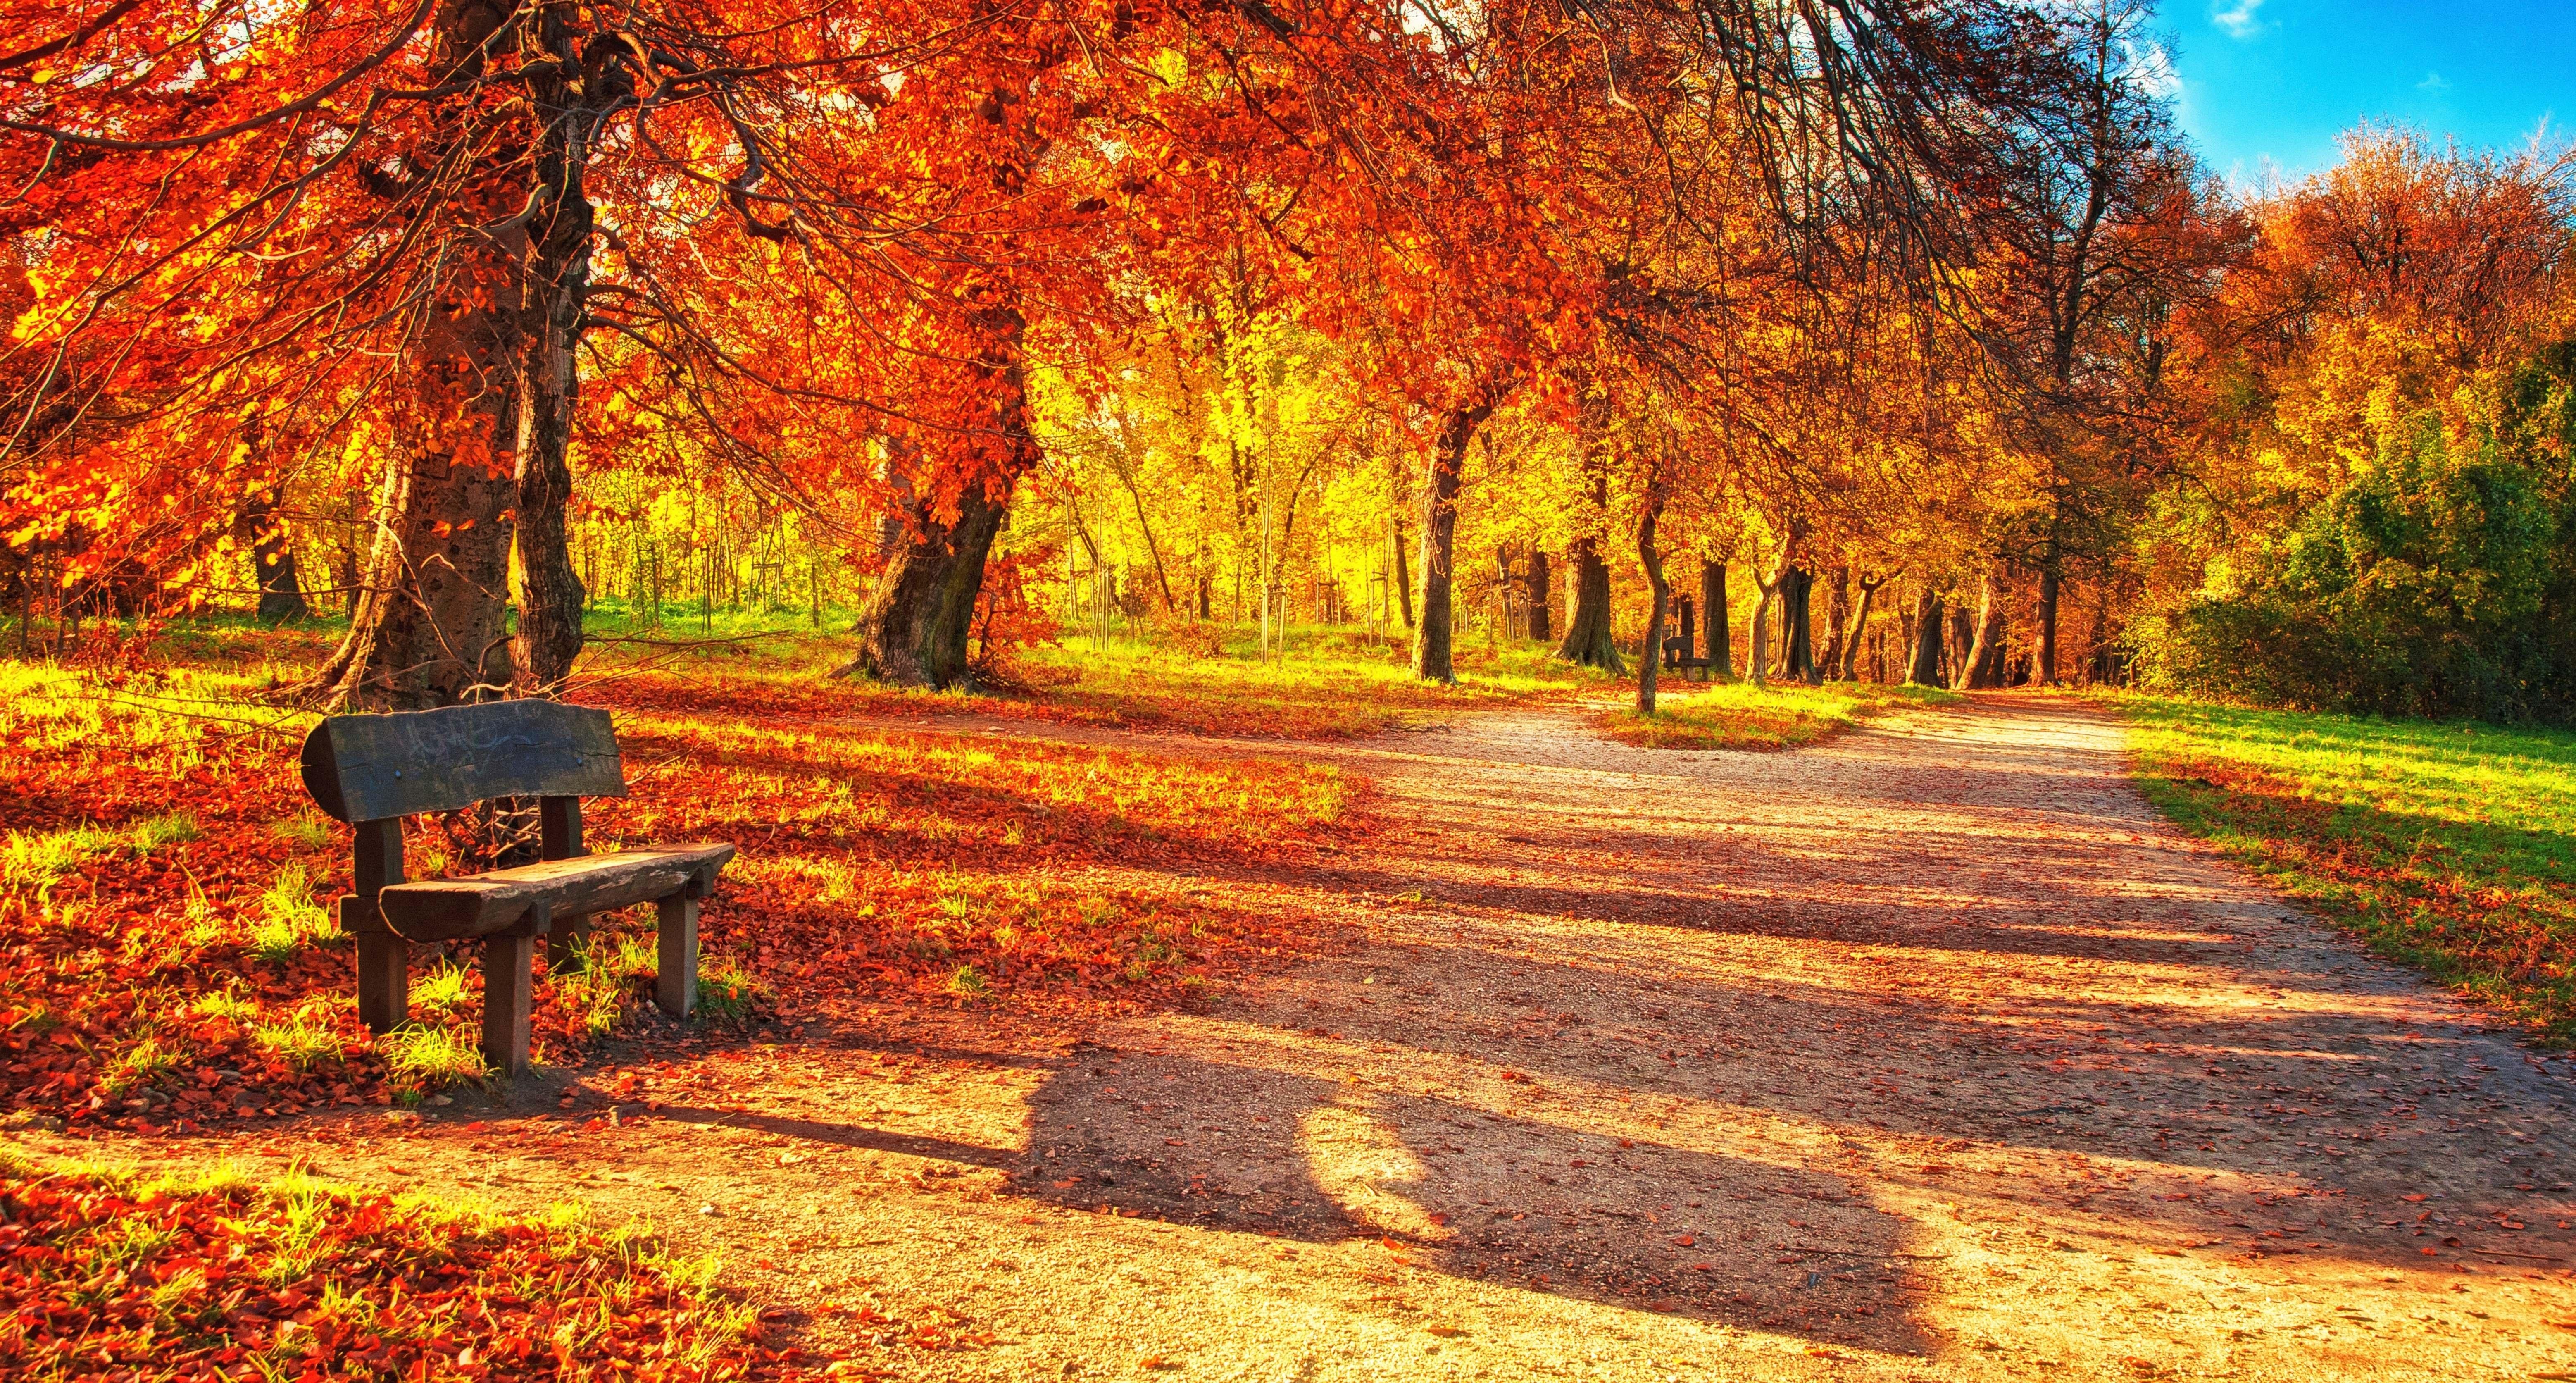 69553 завантажити шпалери Листя, Осінь, Природа, Парк, Лавка, Лавці - заставки і картинки безкоштовно